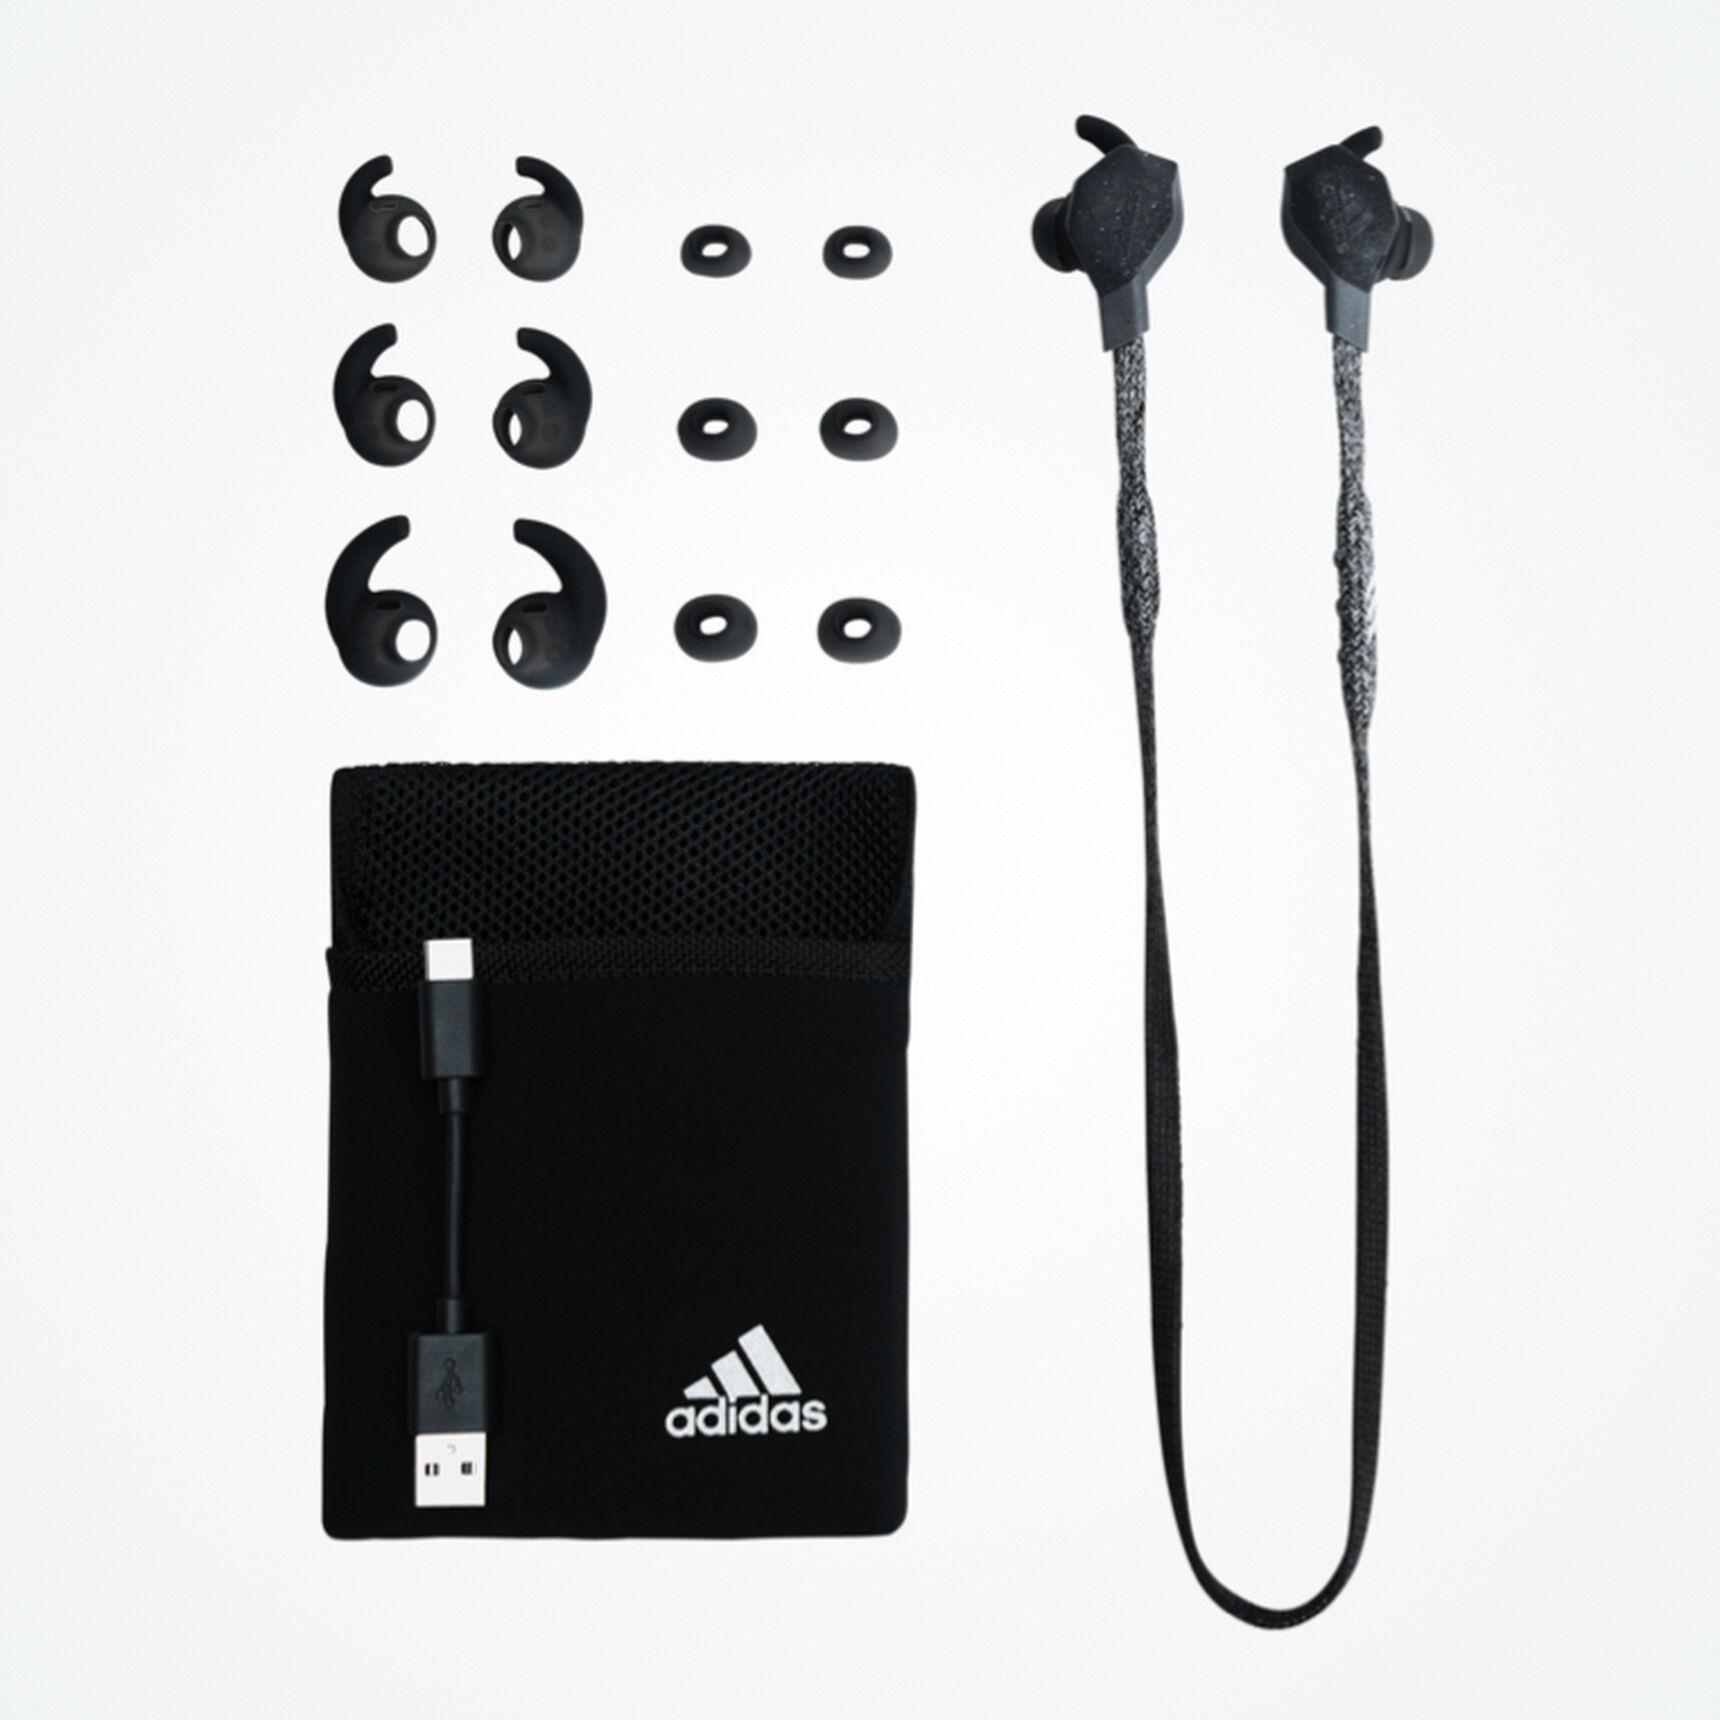 Adidas fwd 01 3